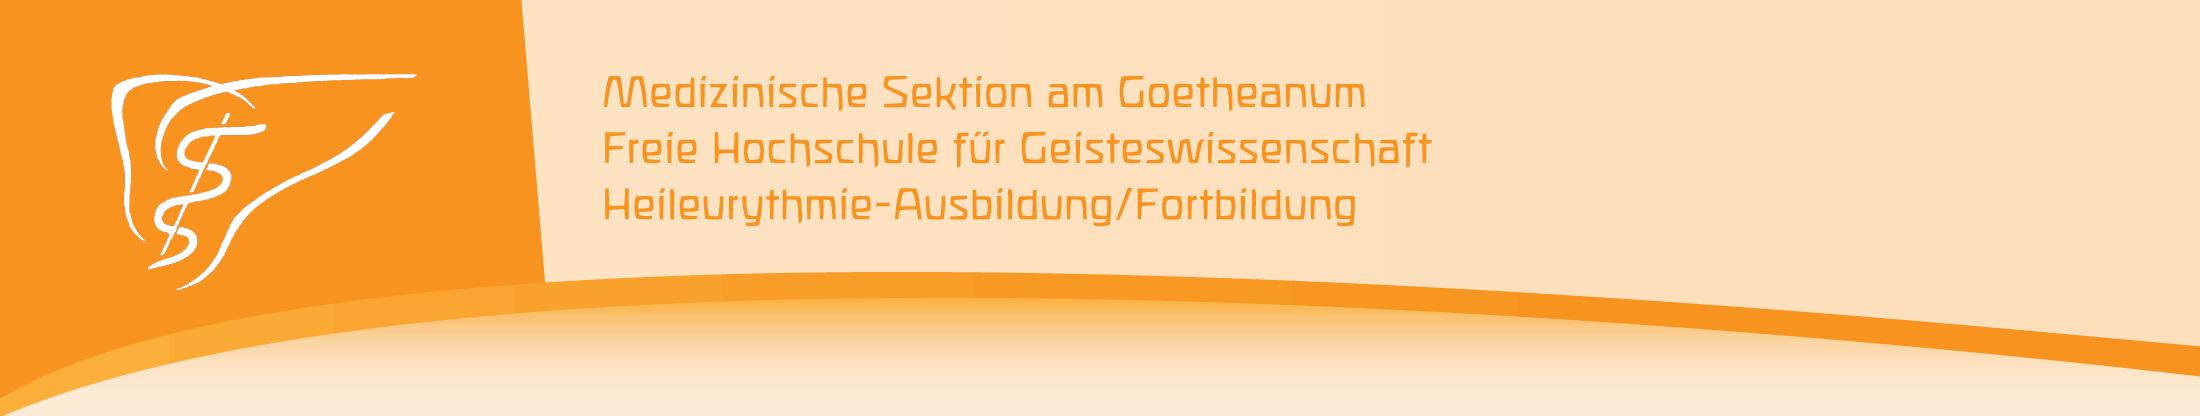 Heileurythmie-Ausbildung am Goetheanum Retina Logo